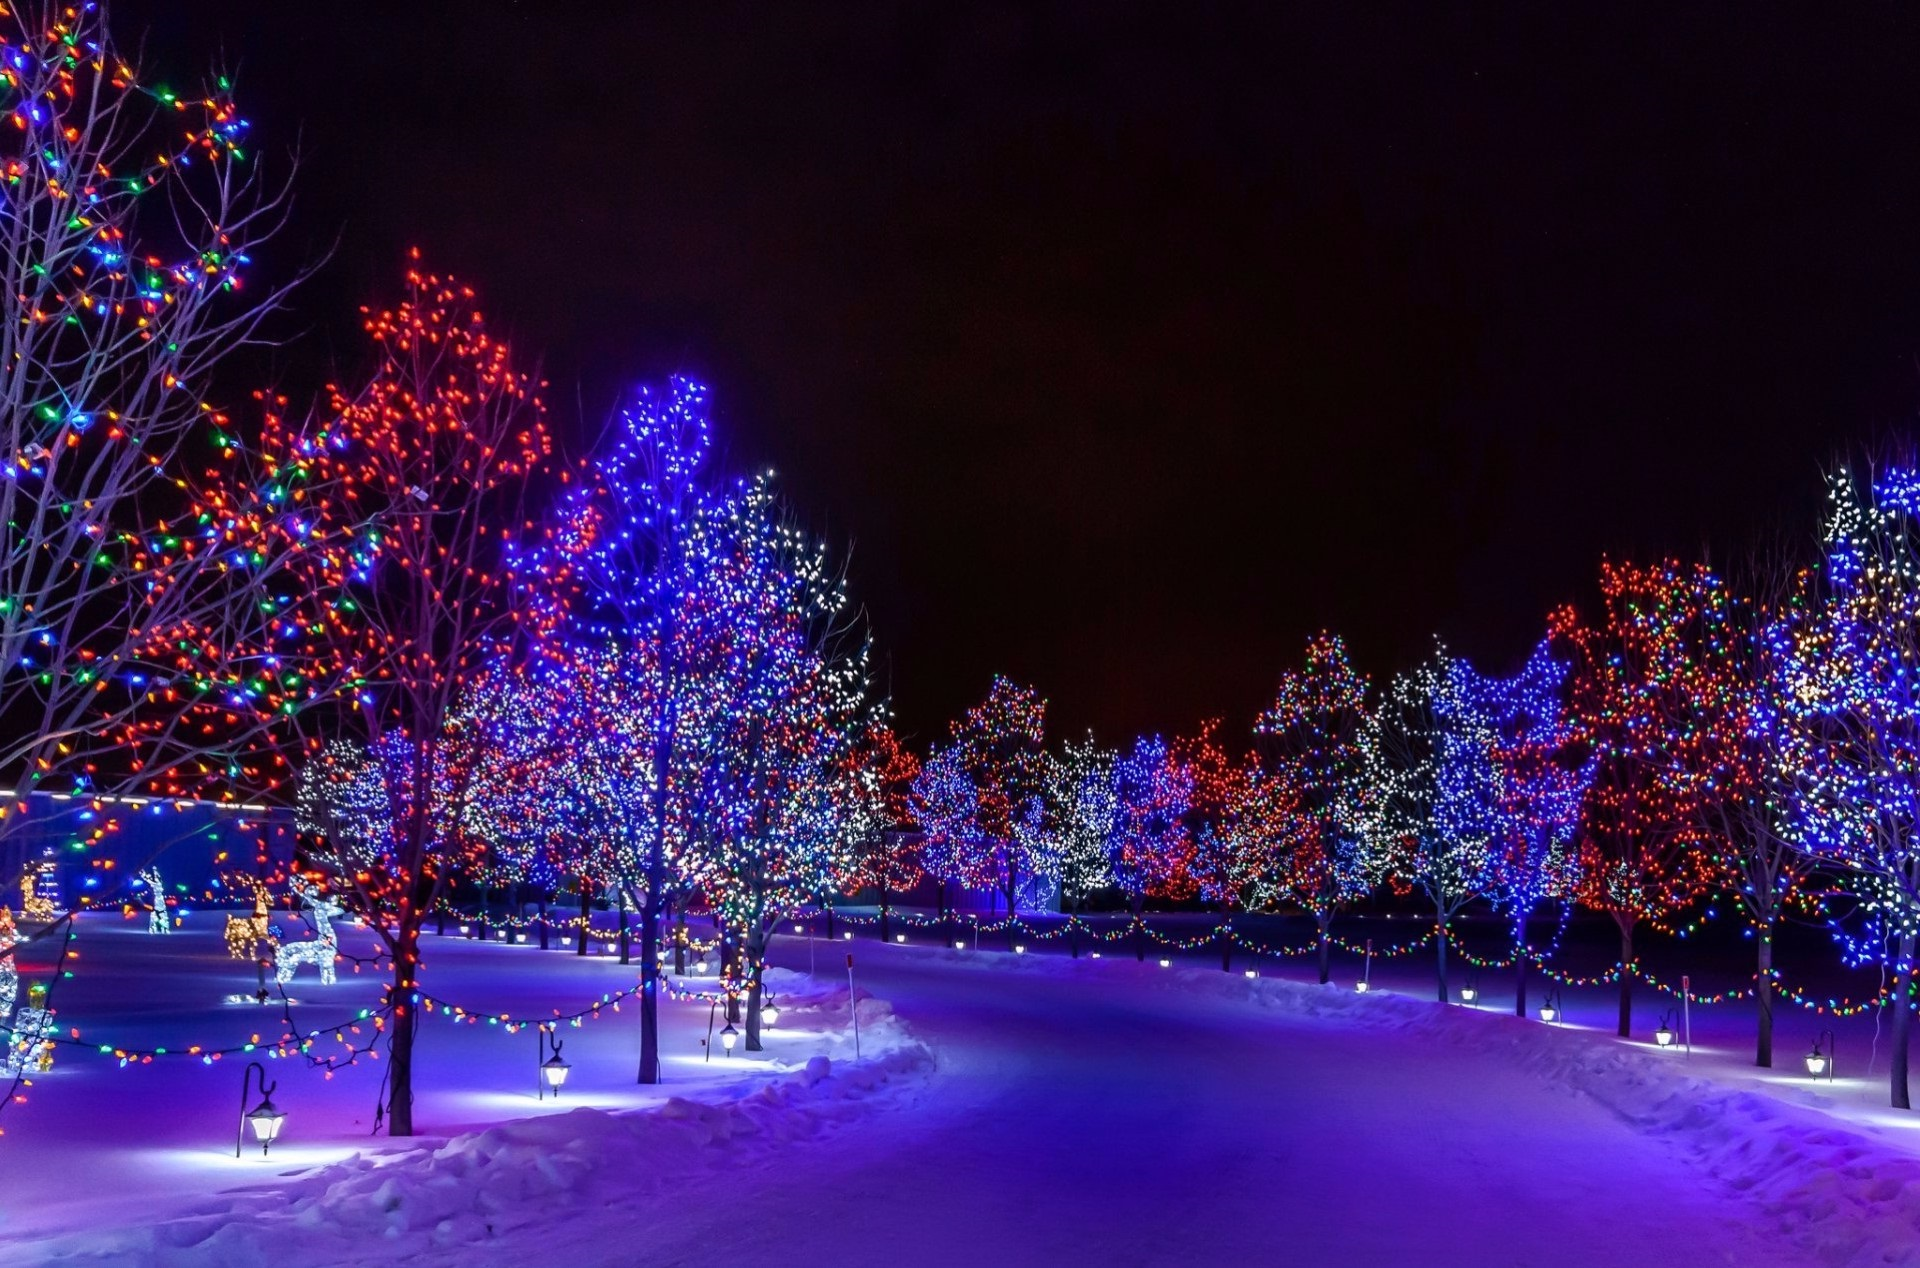 Фото зима новый год - Праздники - Картинки для рабочего ...